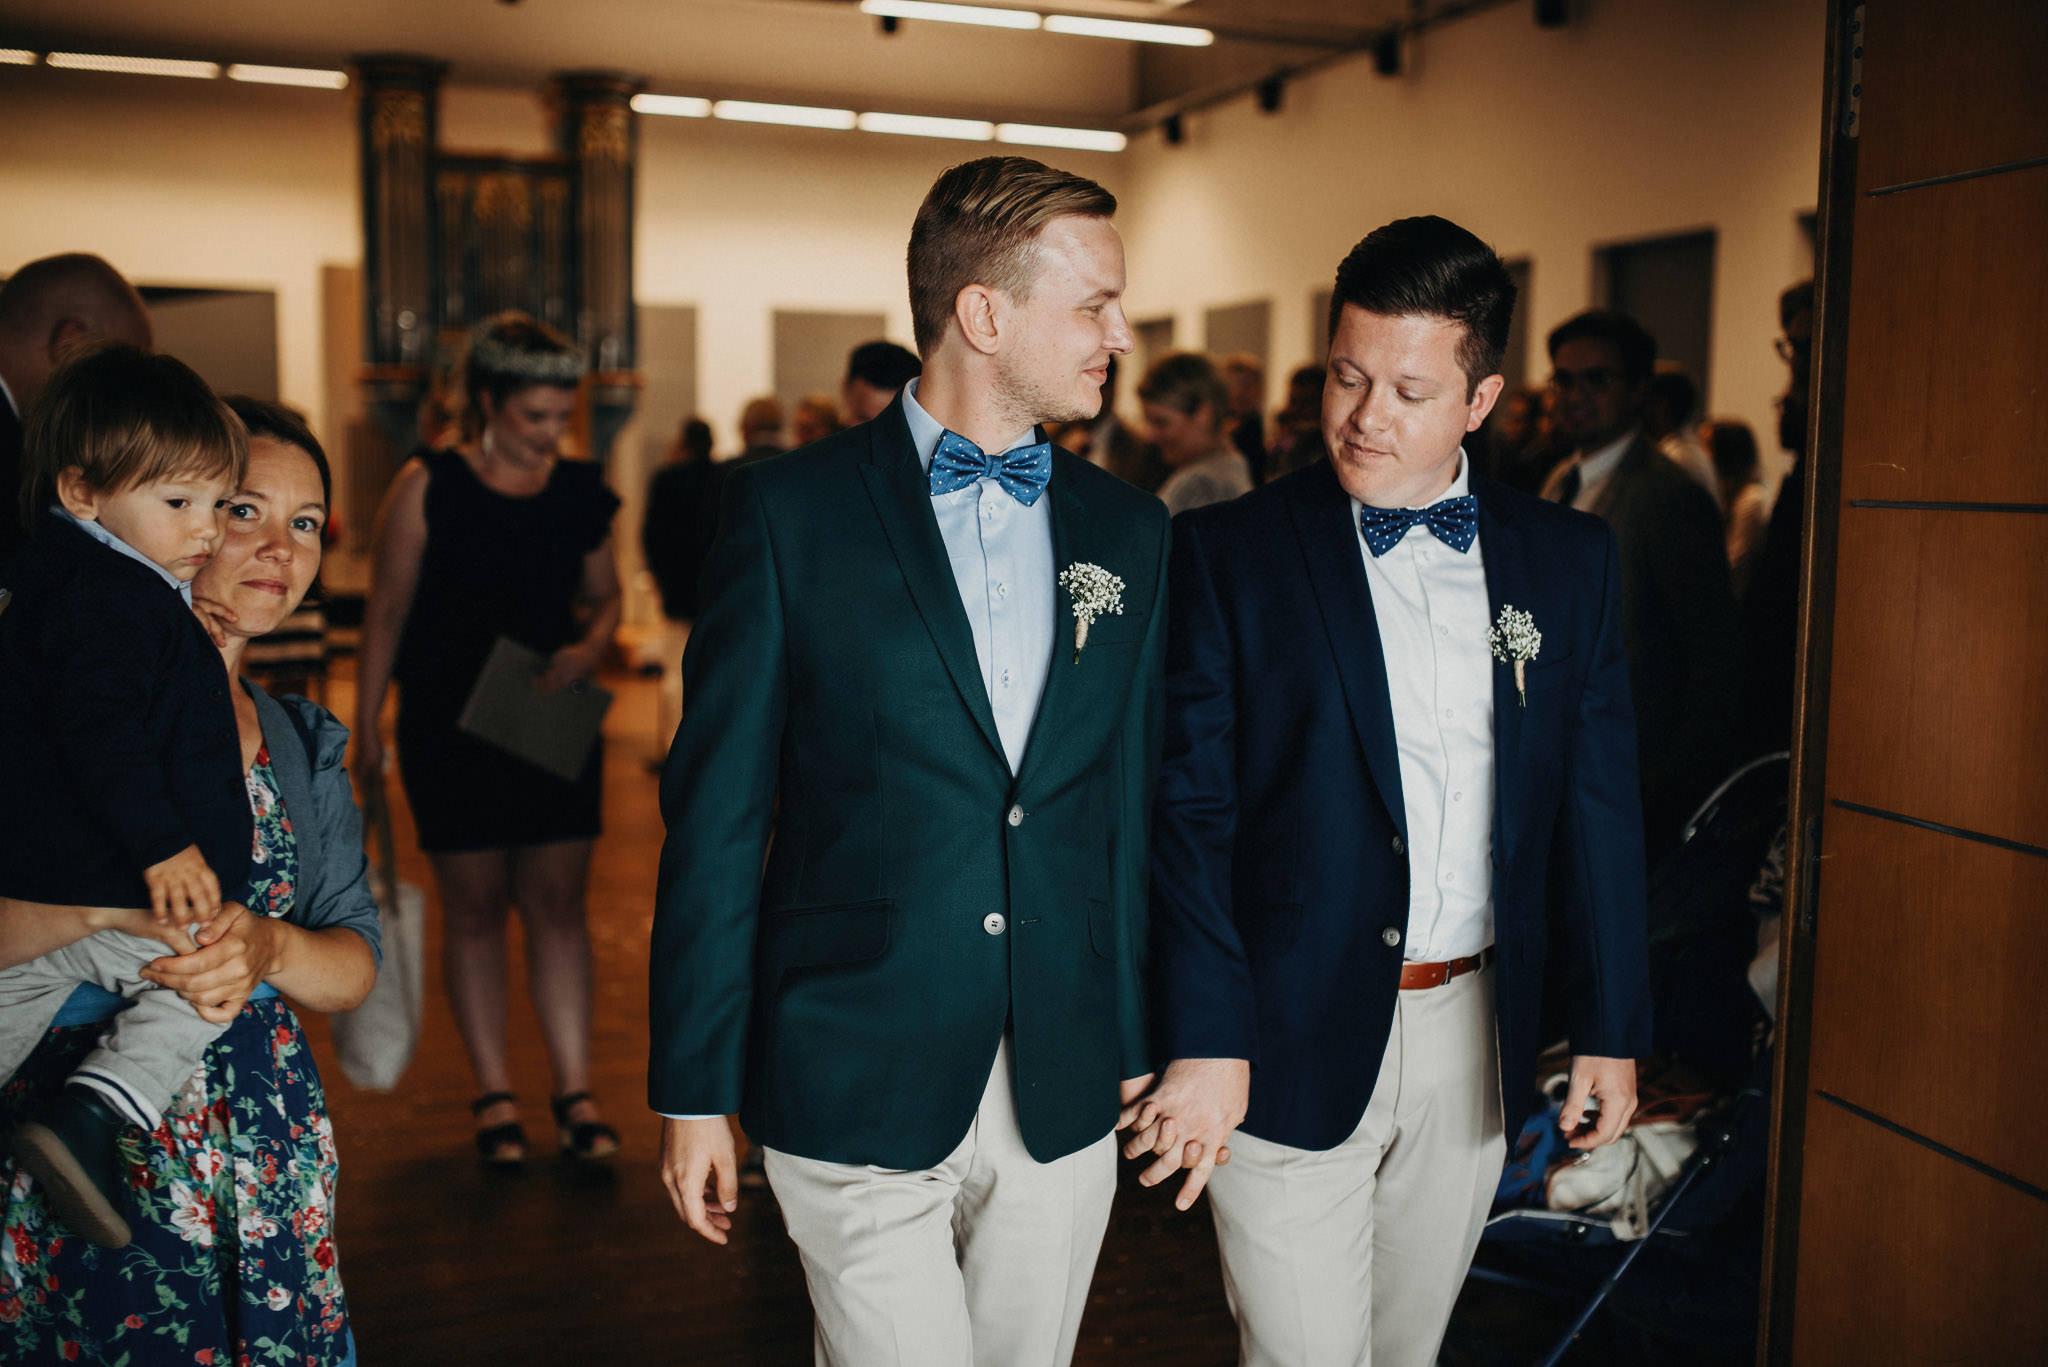 jere-satamo-ruissalo-haat-samesex-wedding-valokuvaaja-turku-025web.jpg